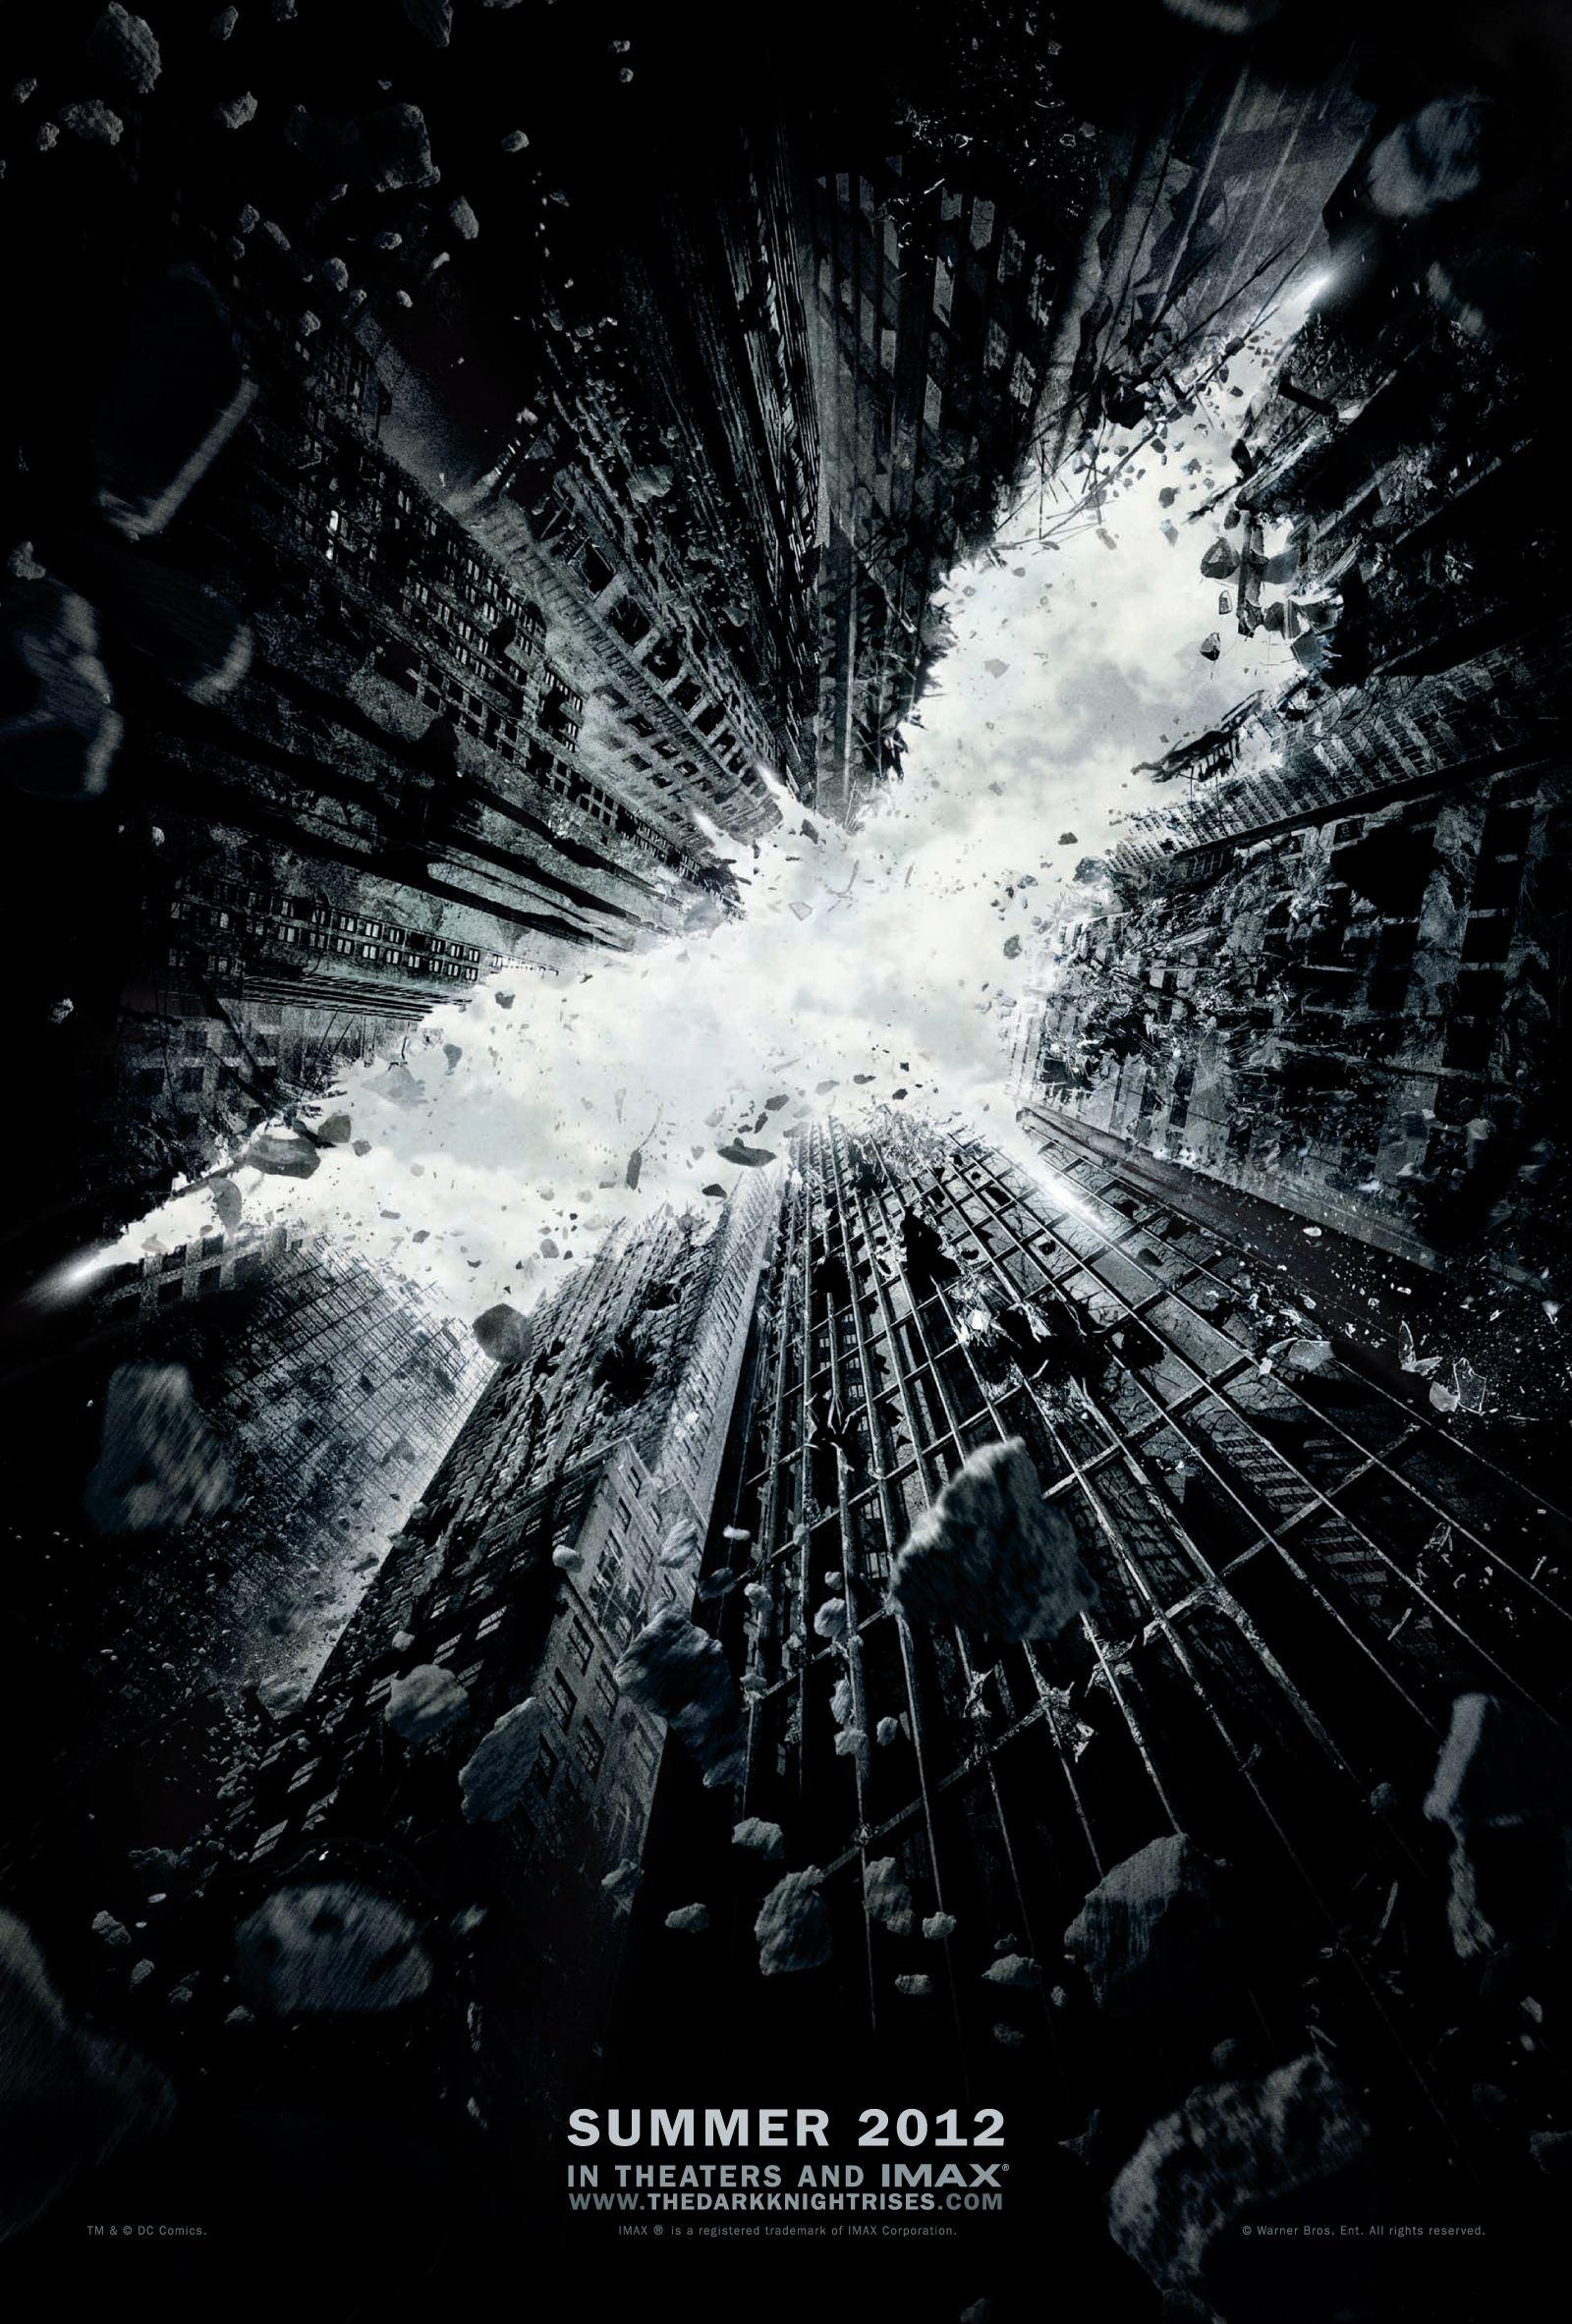 плакат фильма тизер Темный рыцарь: Возрождение легенды